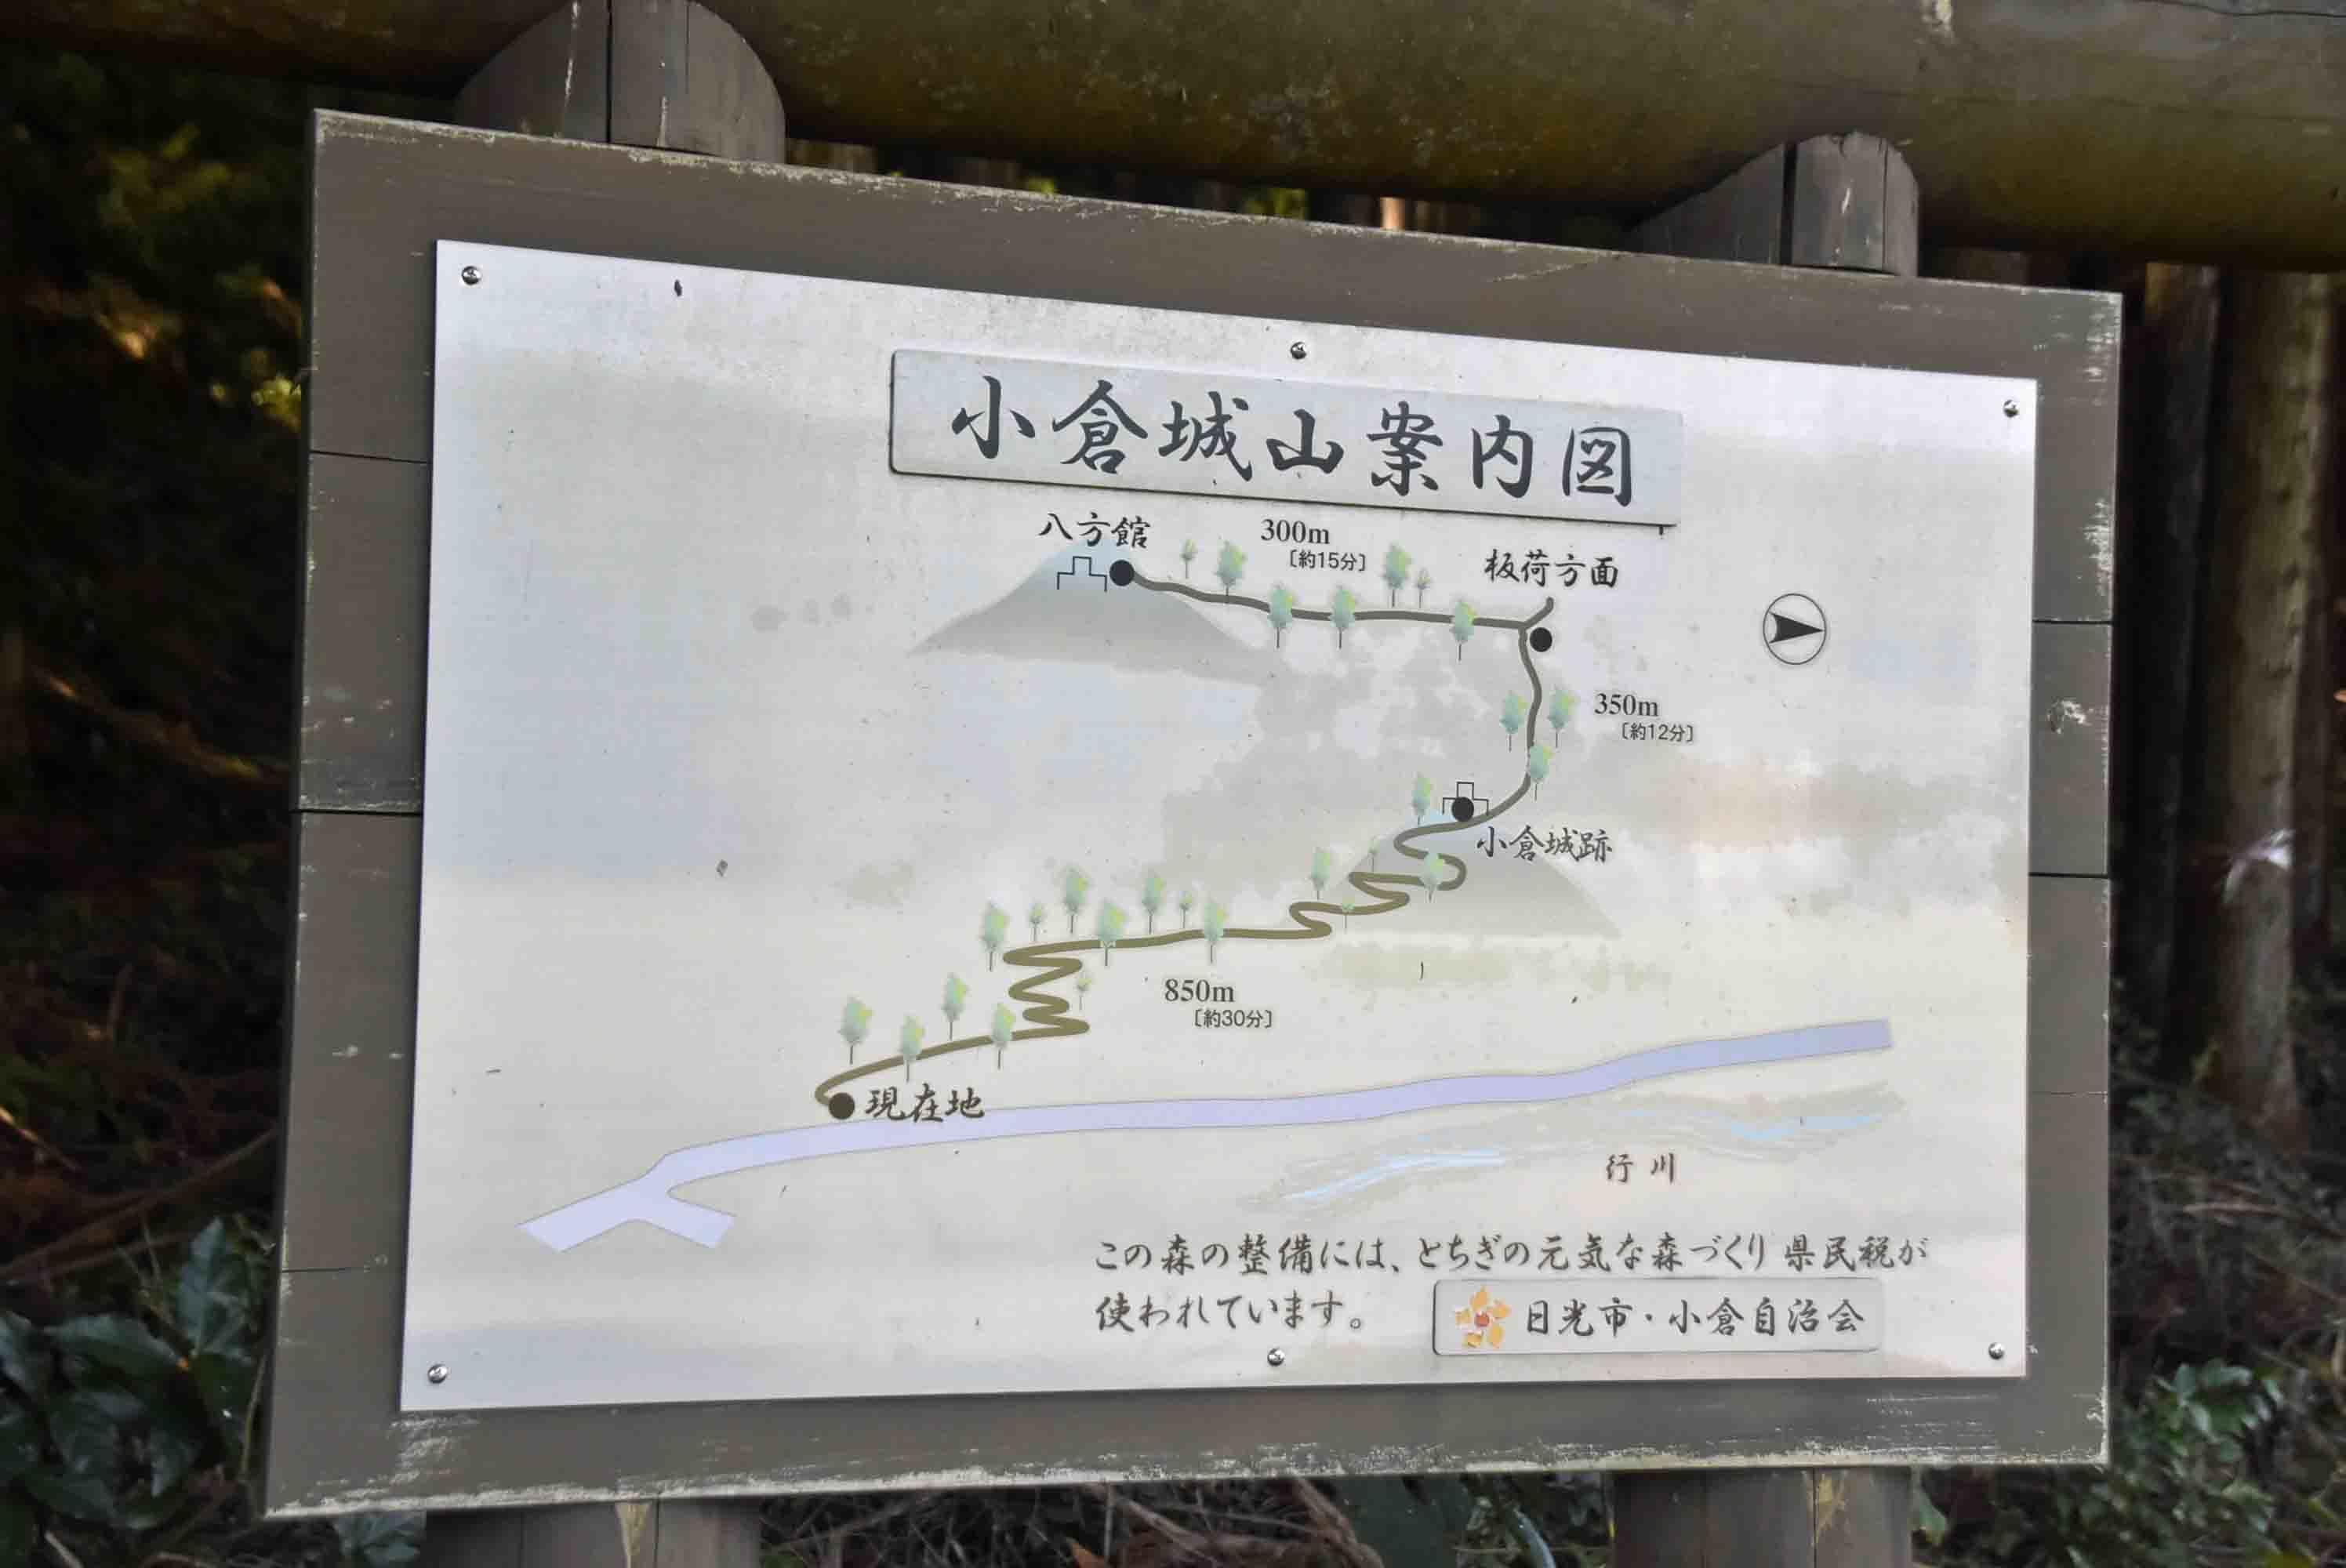 小倉城山案内図説明板